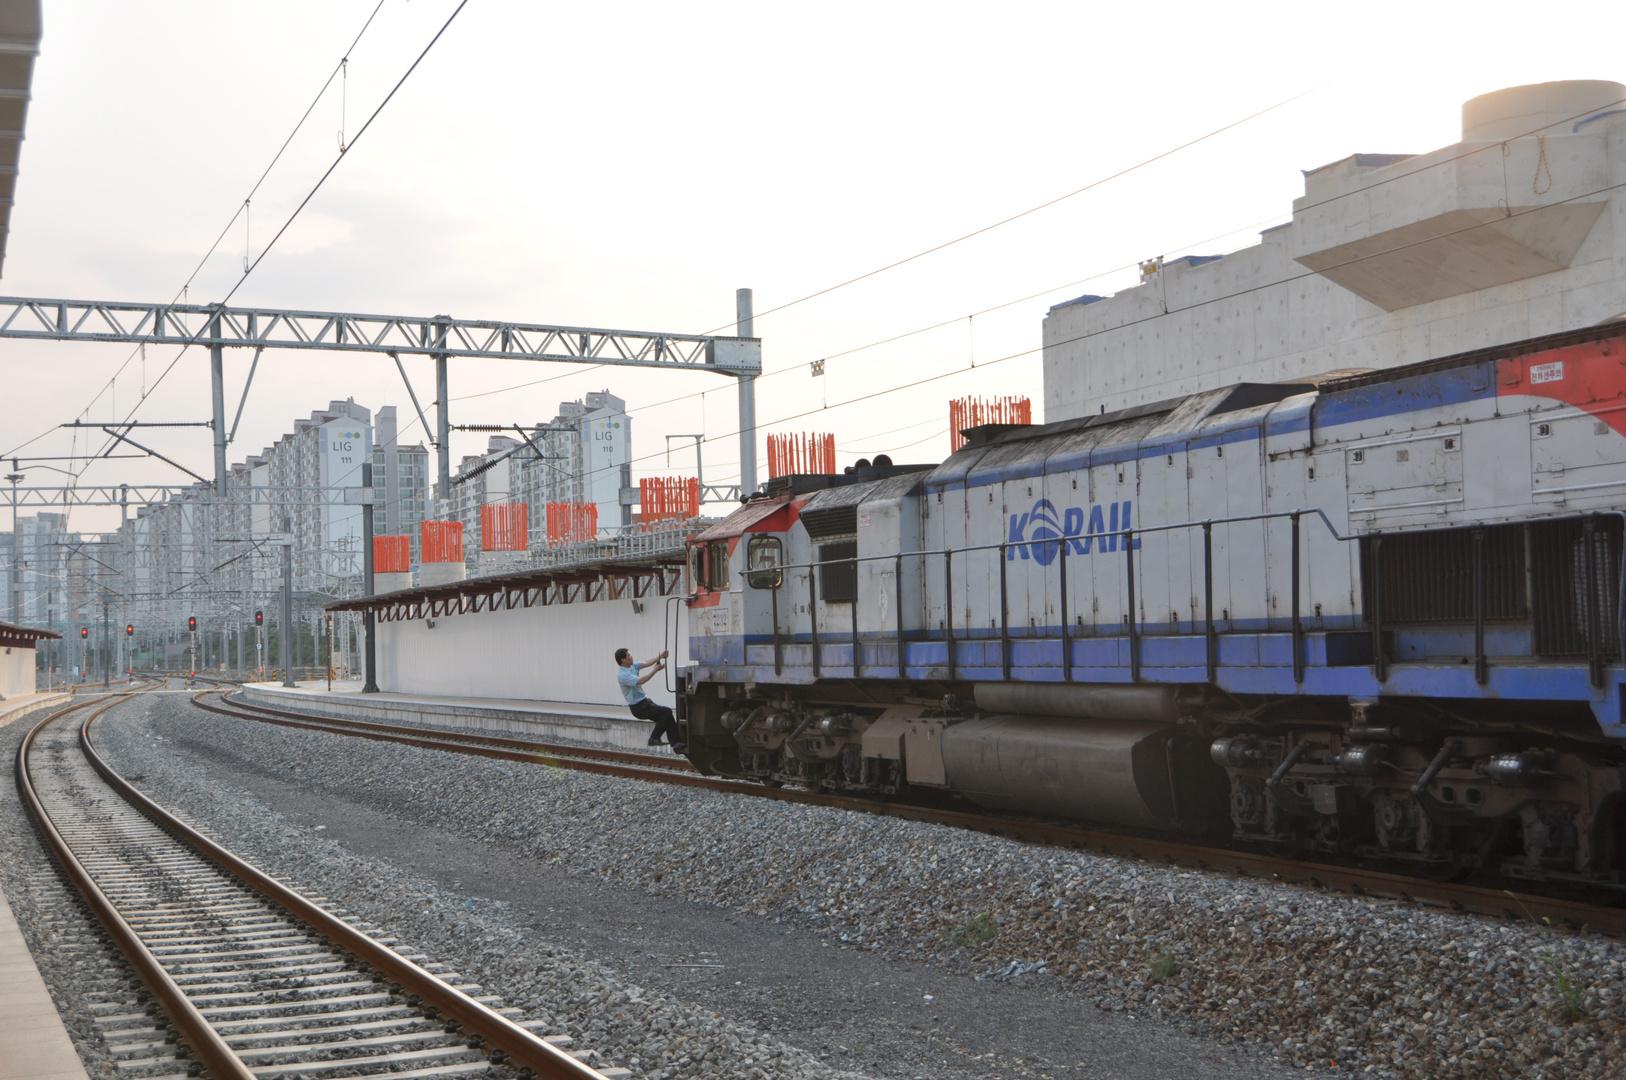 Dondaegu Station